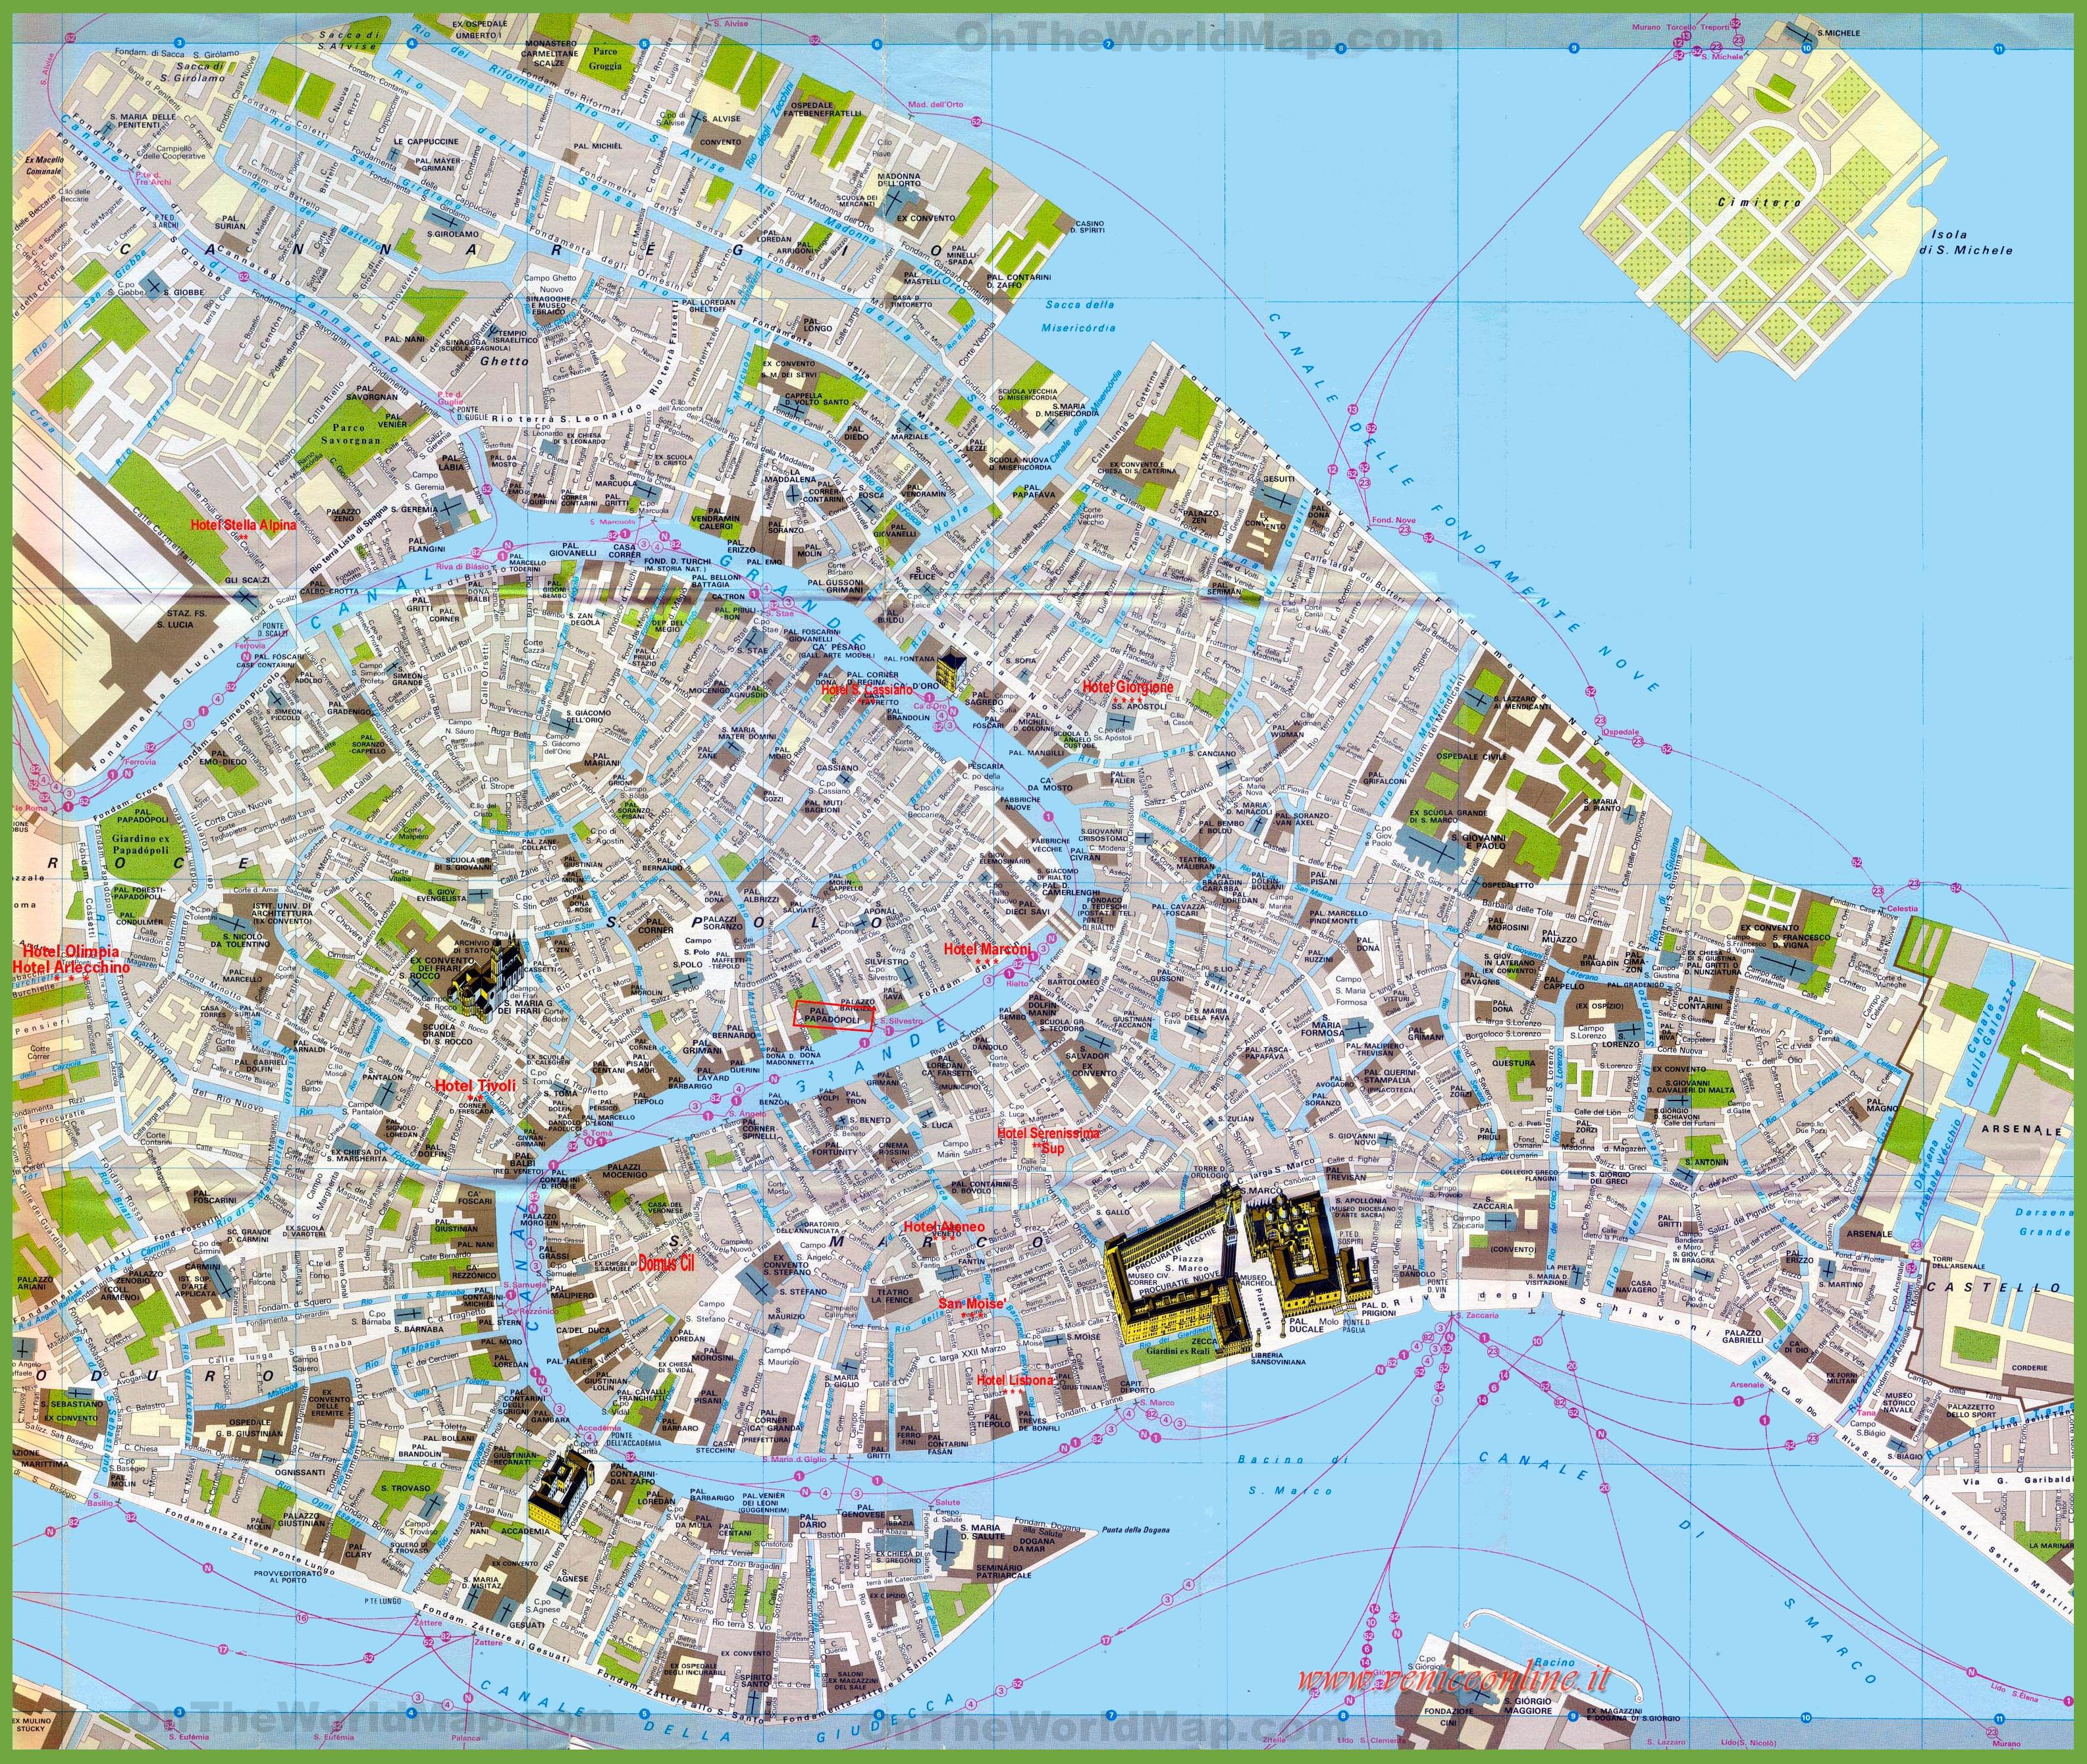 Cartina Turistica Di Venezia.Mappa Turistica Di Venezia Centro Citta